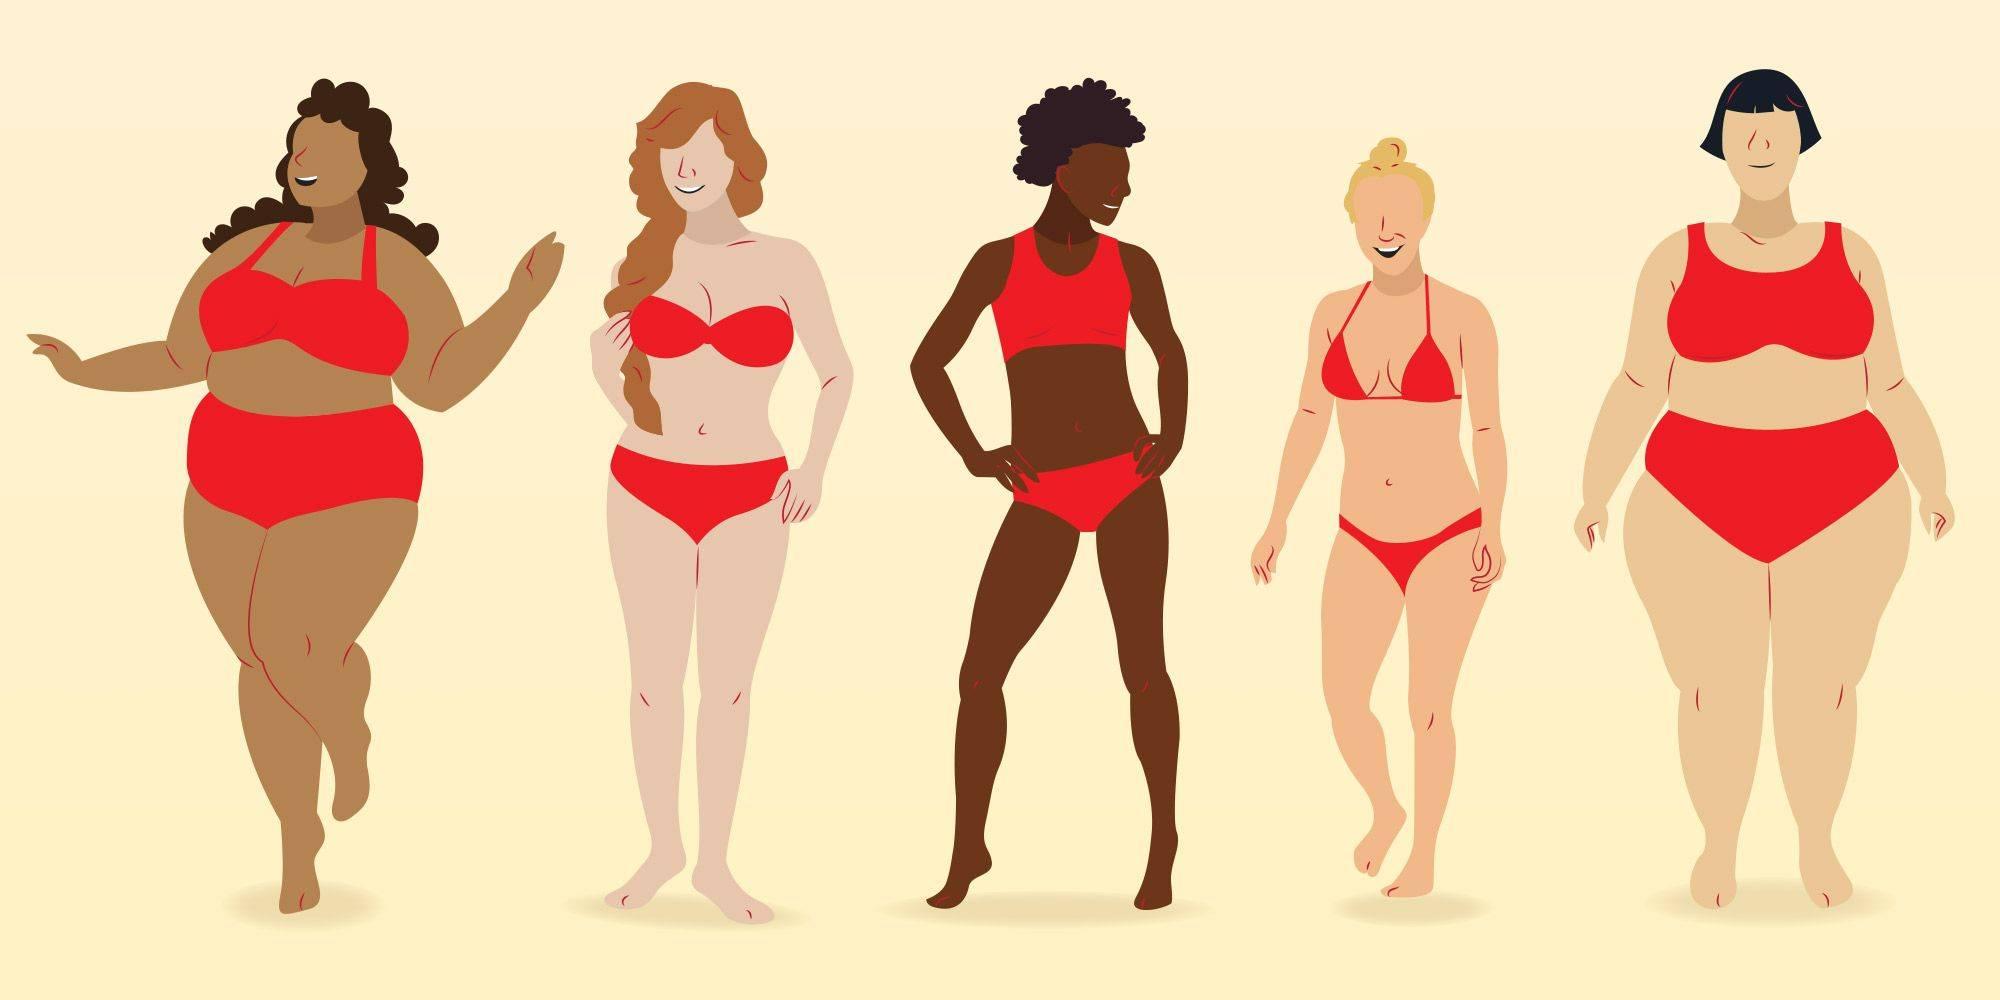 3 типа телосложения у женщин: нормостеническое, астеническое, гиперстенический